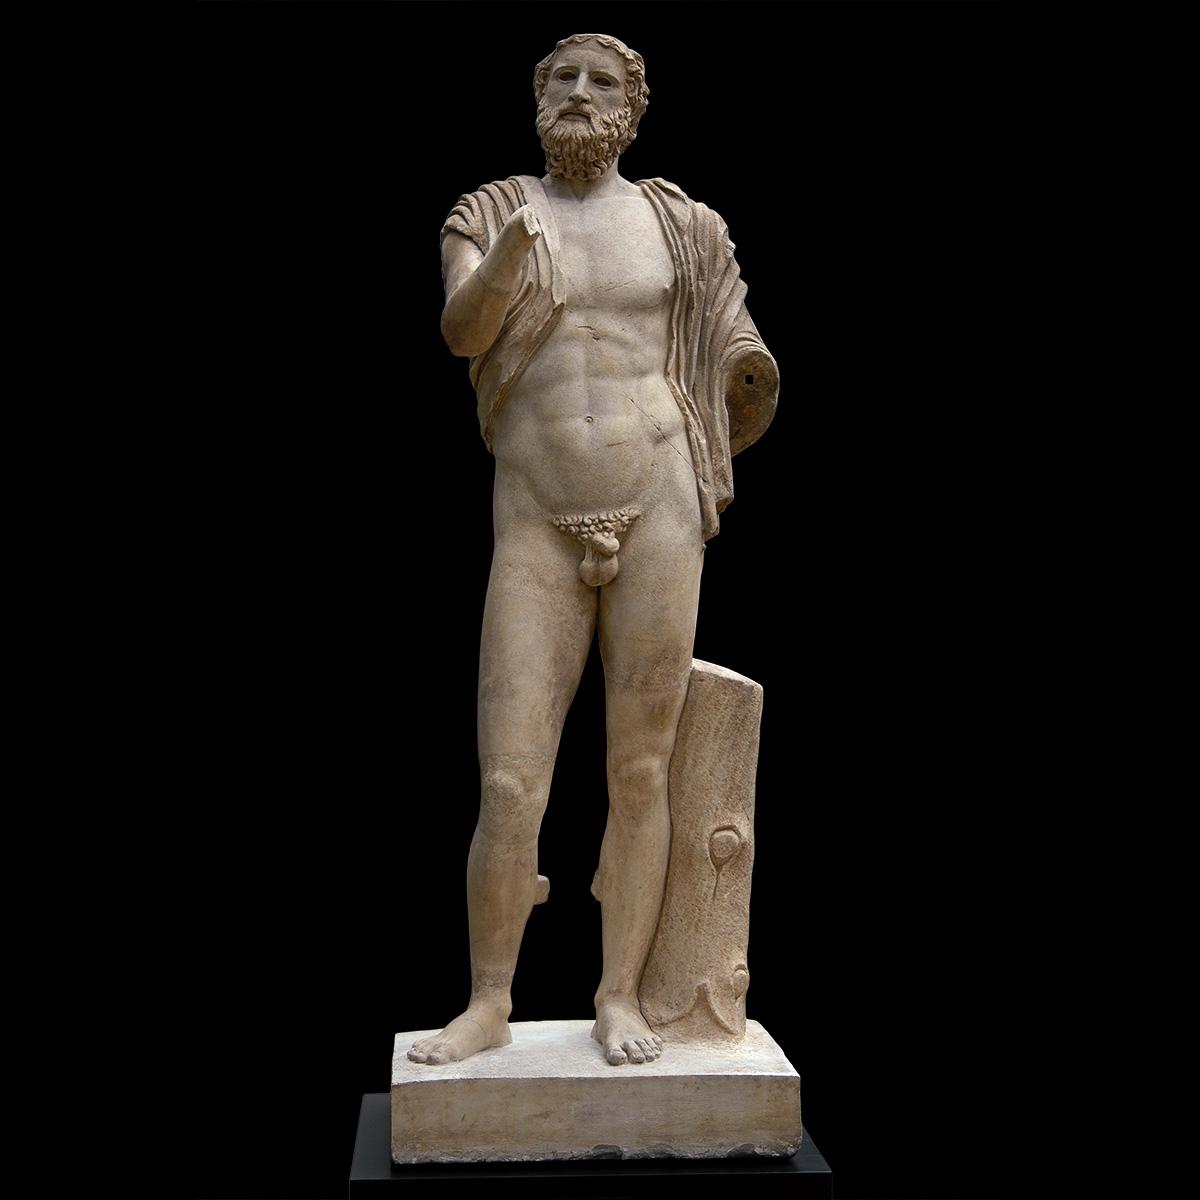 penis masculin în sculptură